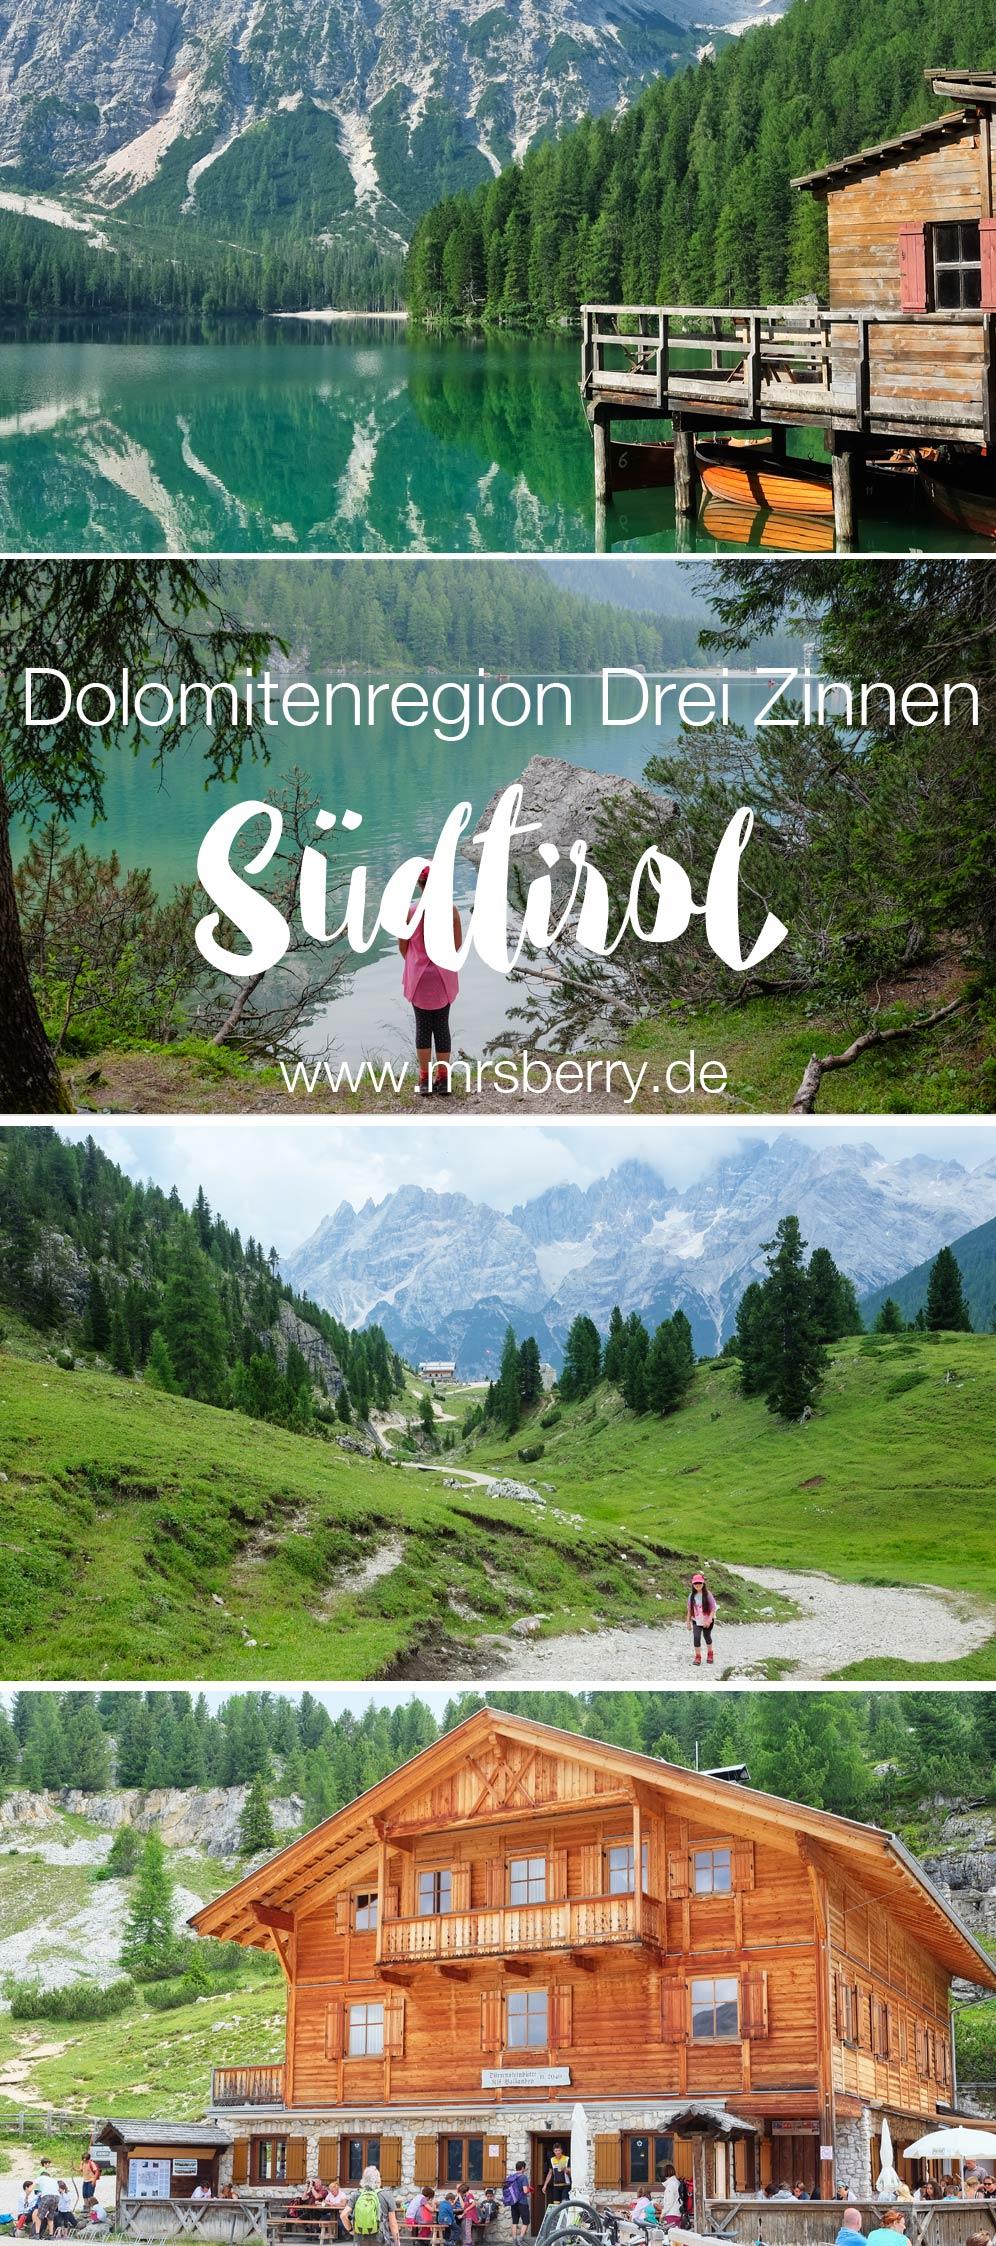 Familienurlaub in Südtirol in der Dolomitenregion Drei Zinnen